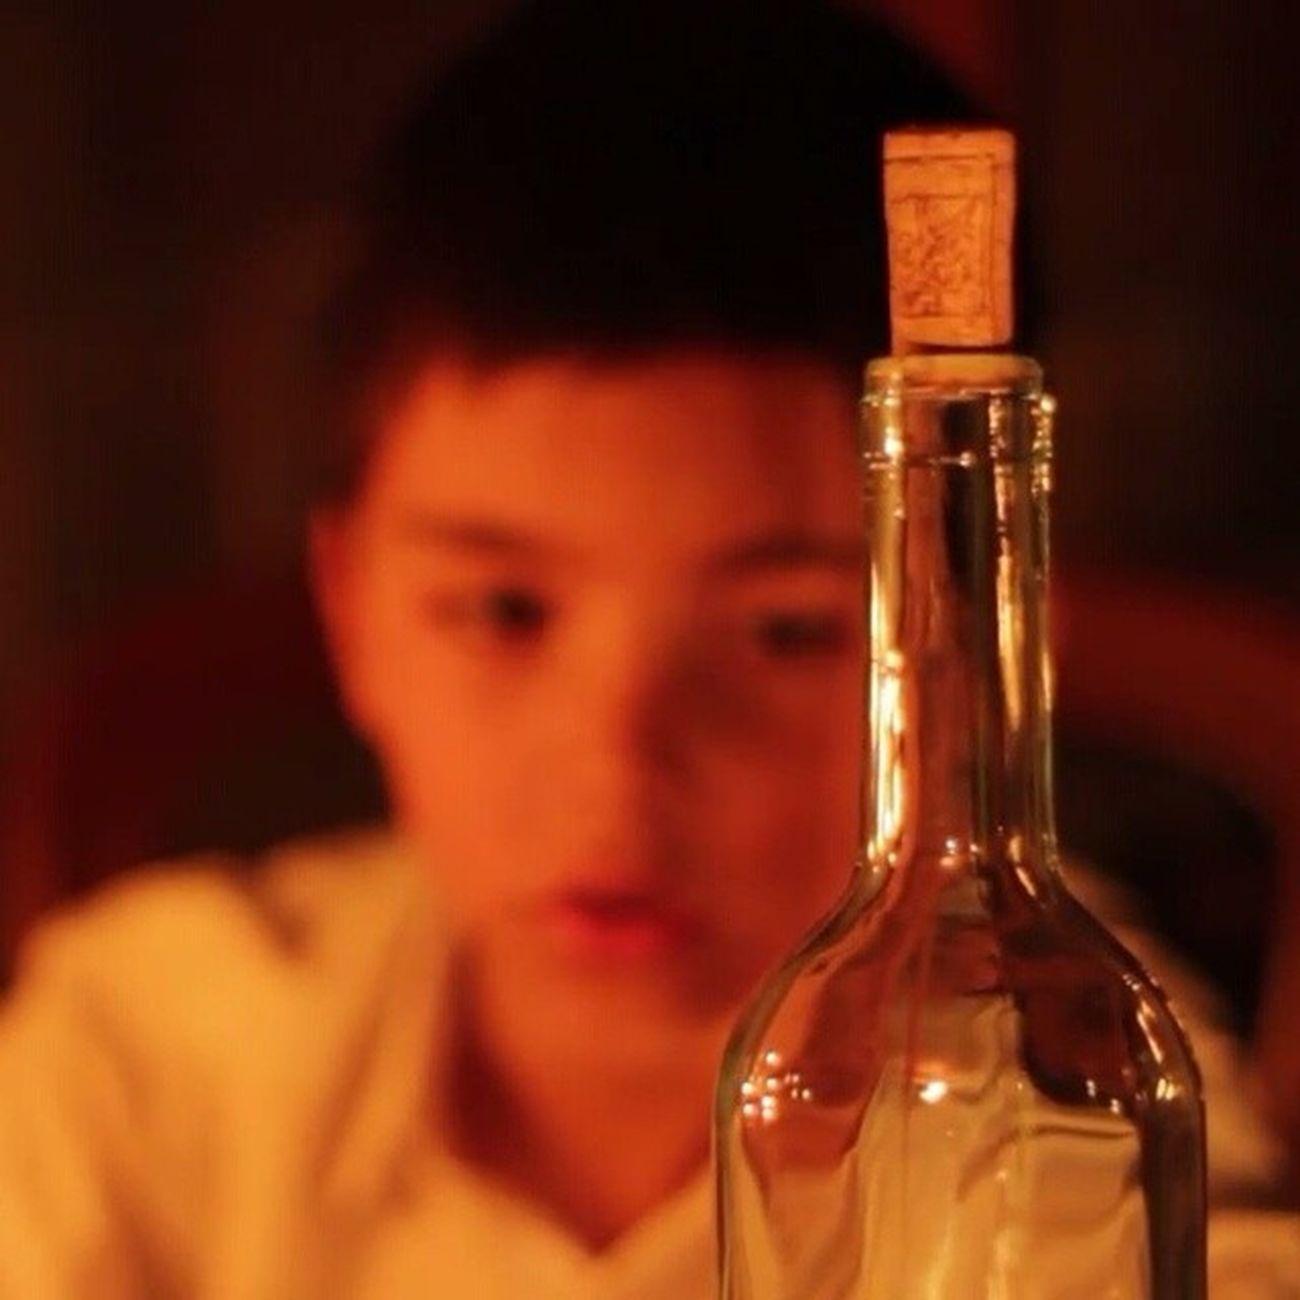 One Day, Maybe... Corto dedicato a chi la speranza non l'ha mai persa... ISCLA http://youtu.be/Z4HNdB7ePYU